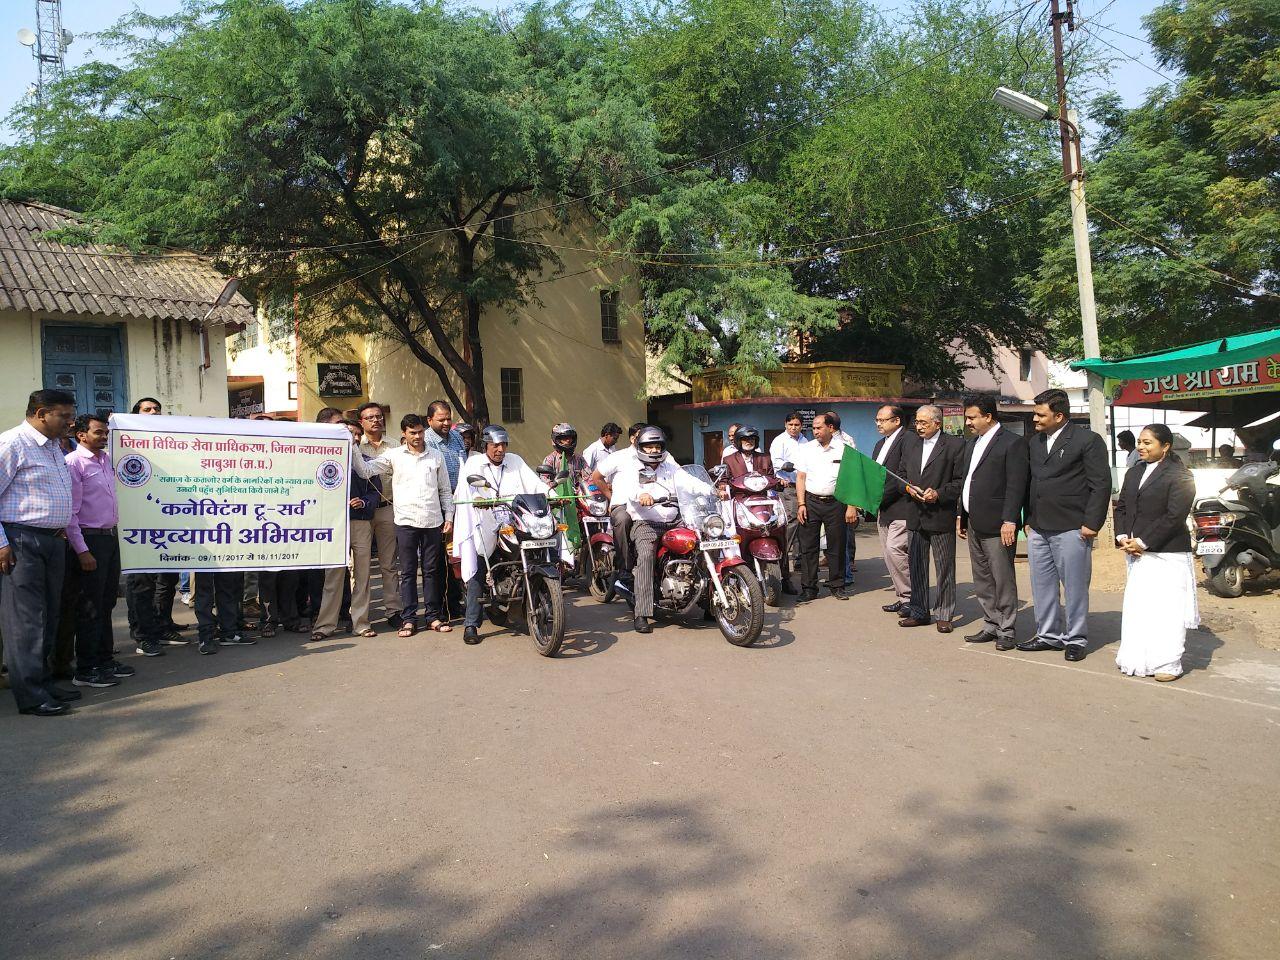 विधिक सेवा का सन्देश जन-जन तक पहुंचाने हेतु मोटर बाईक दल रवाना-motorcycle-team-dispatches-the-message-of-legal-services-to-the-public